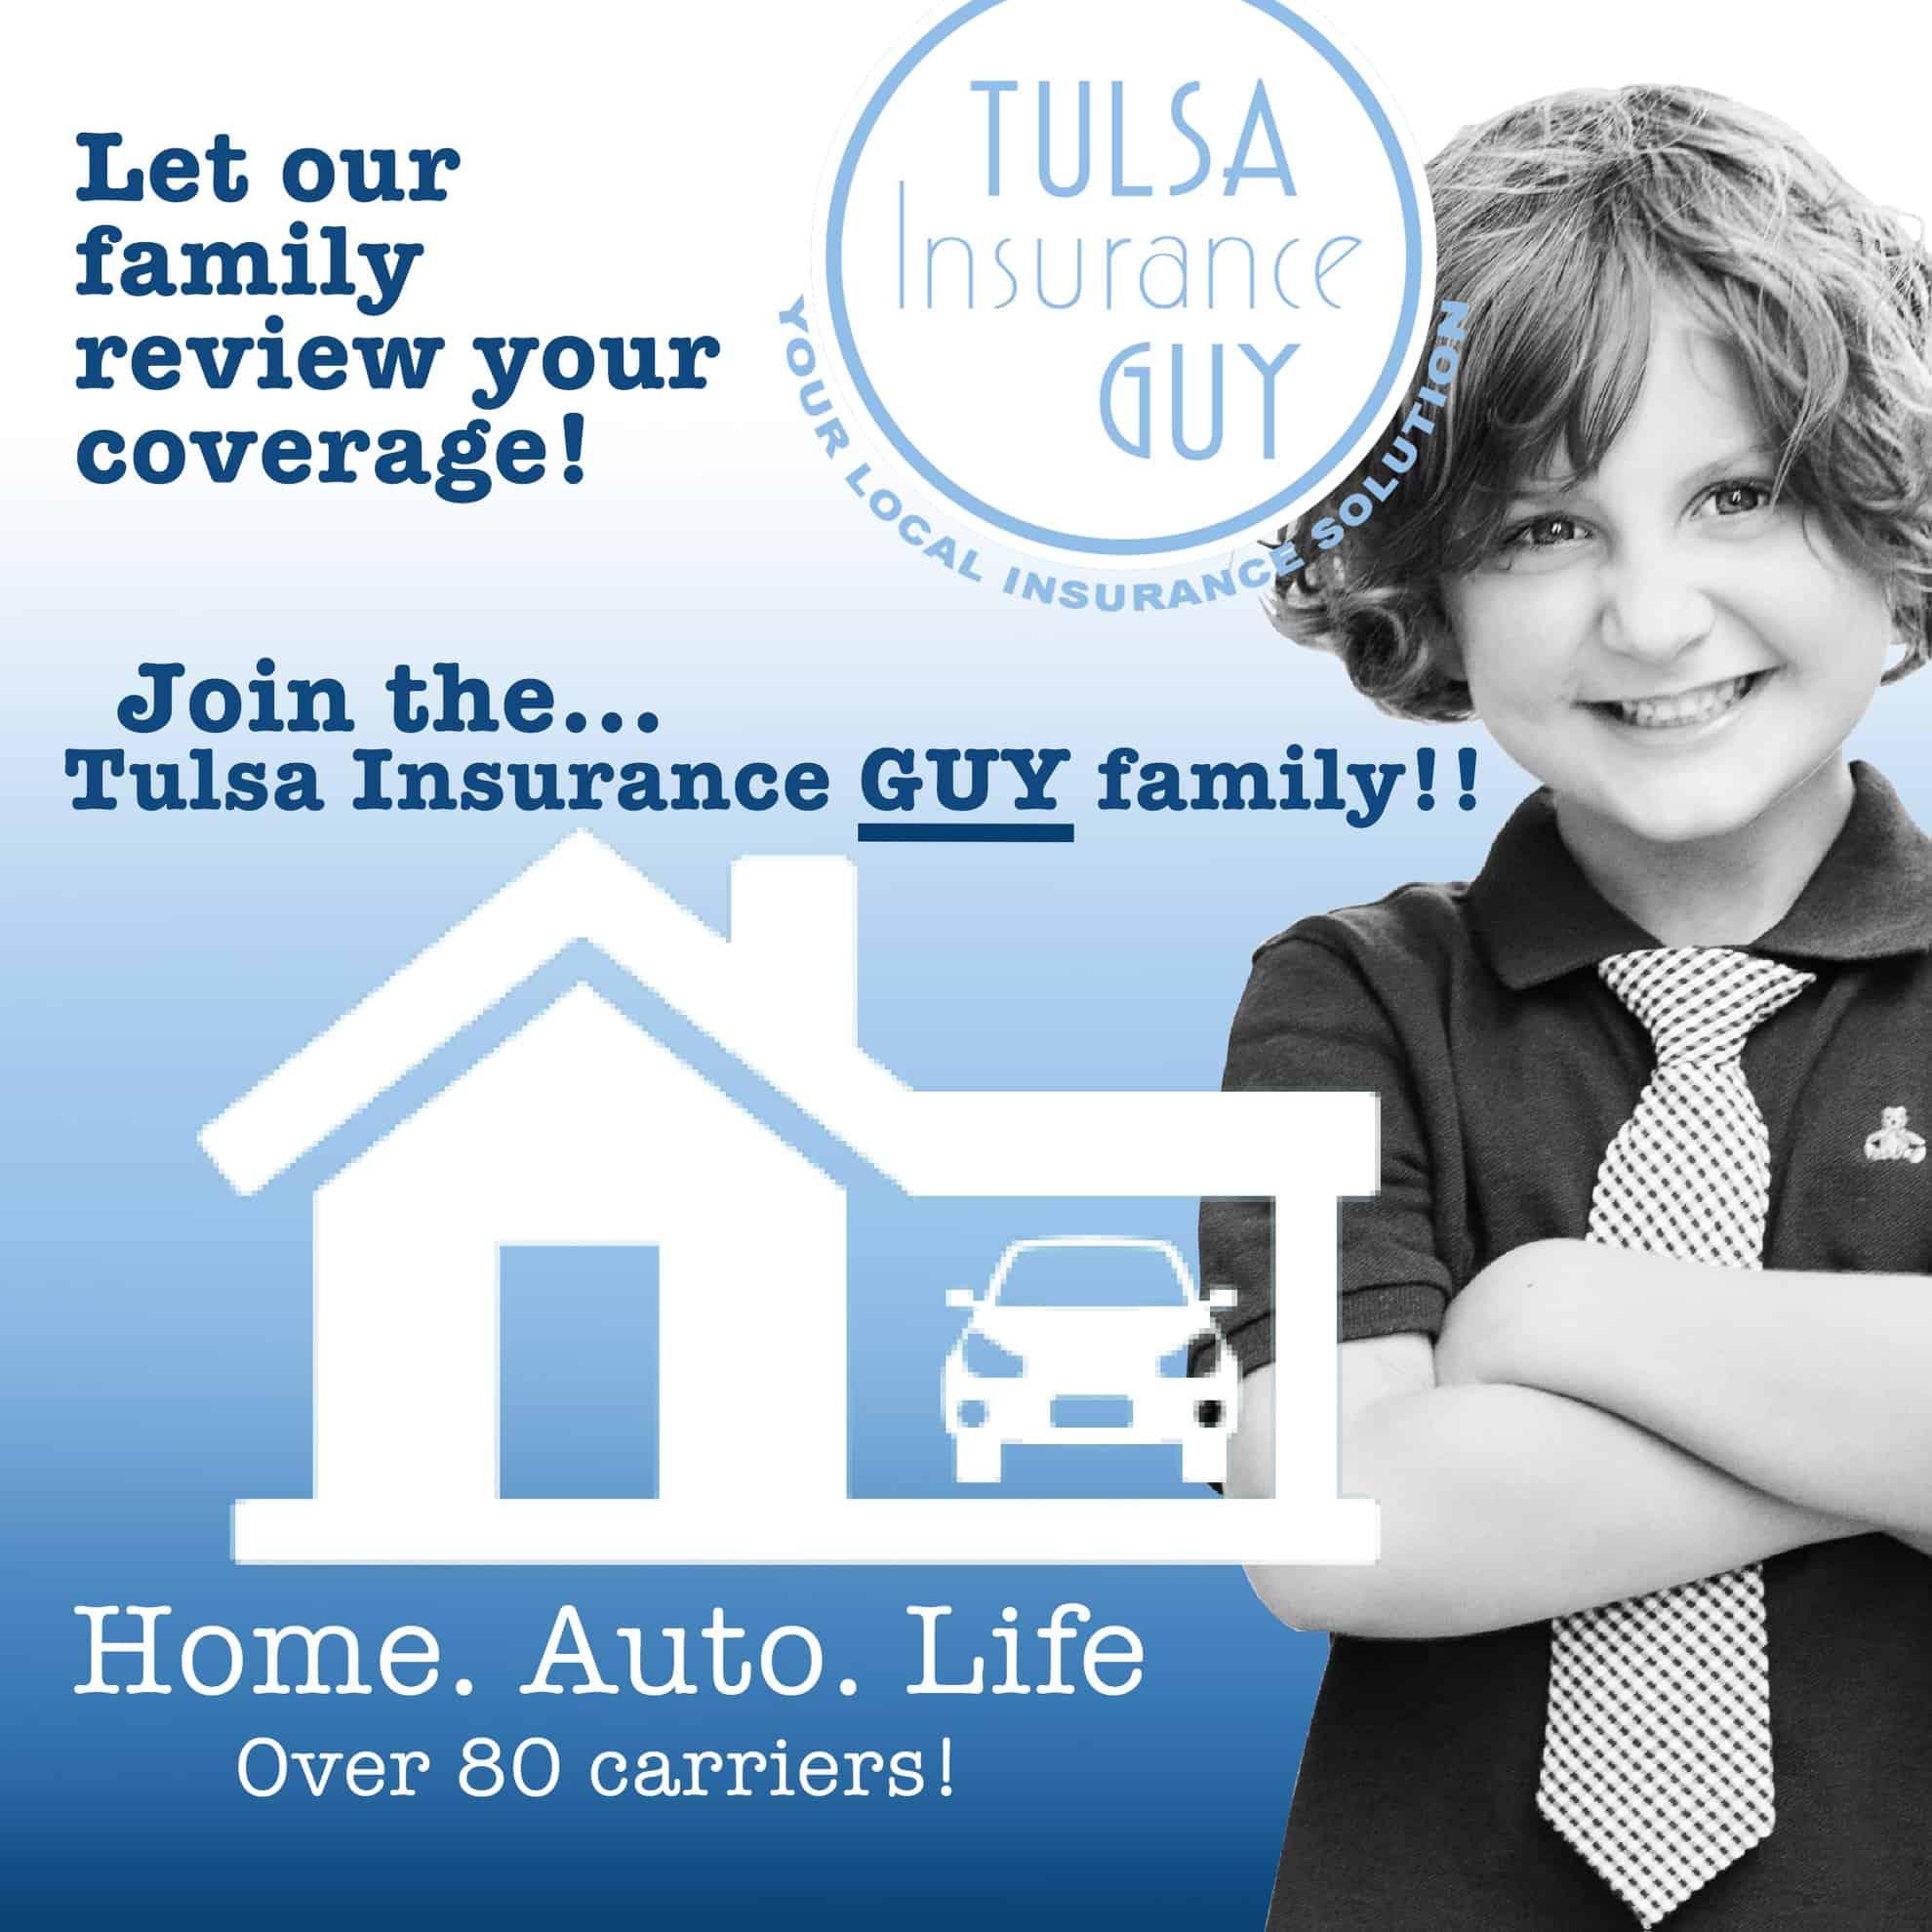 Car Insurance in Tulsa